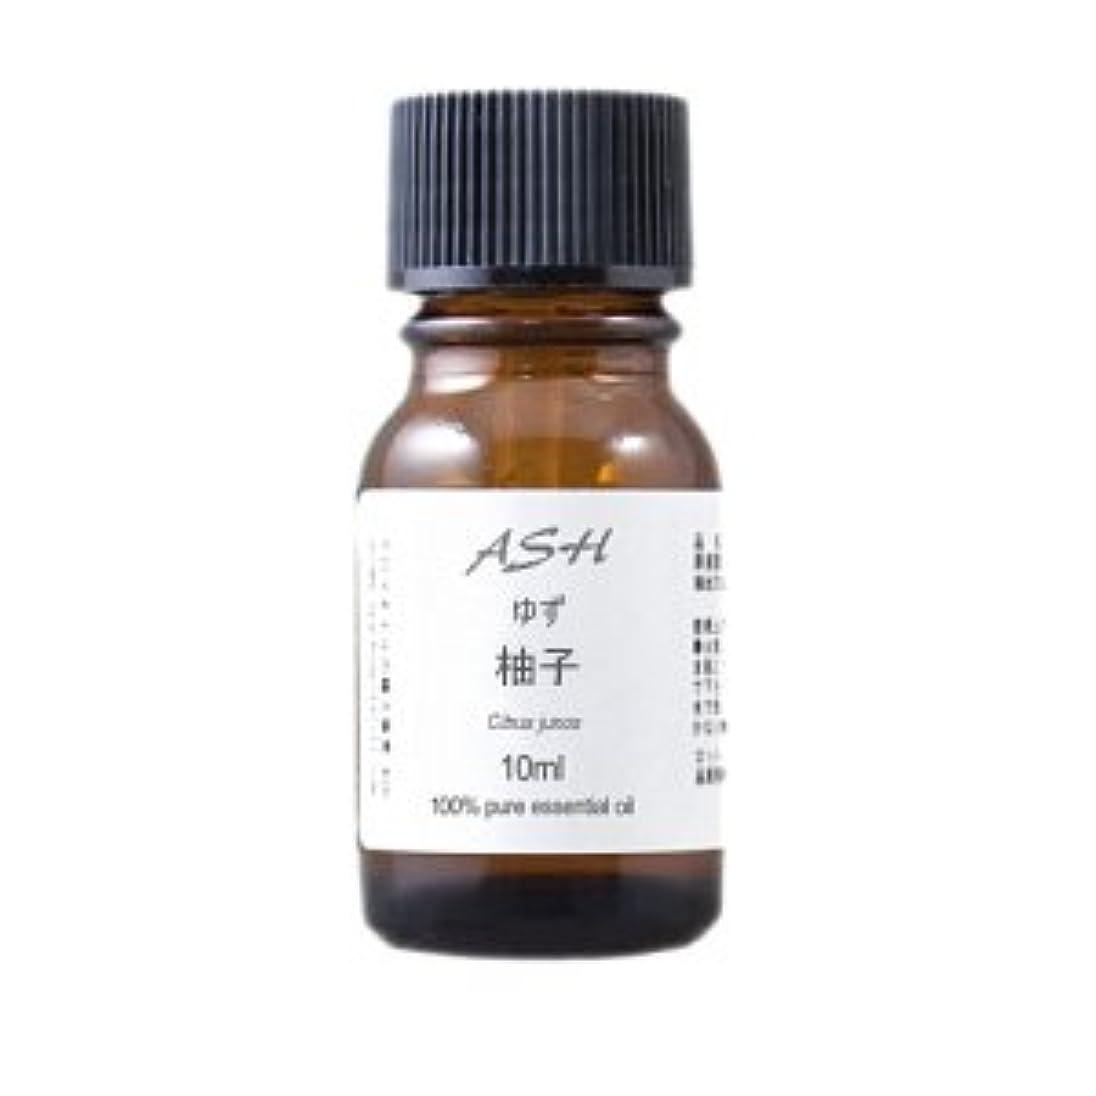 素敵なホイップ変装ASH 柚子 (ゆず) エッセンシャルオイル 10ml 【和精油】【Yuzu Essential Oil-Japan】 AEAJ表示基準適合認定精油